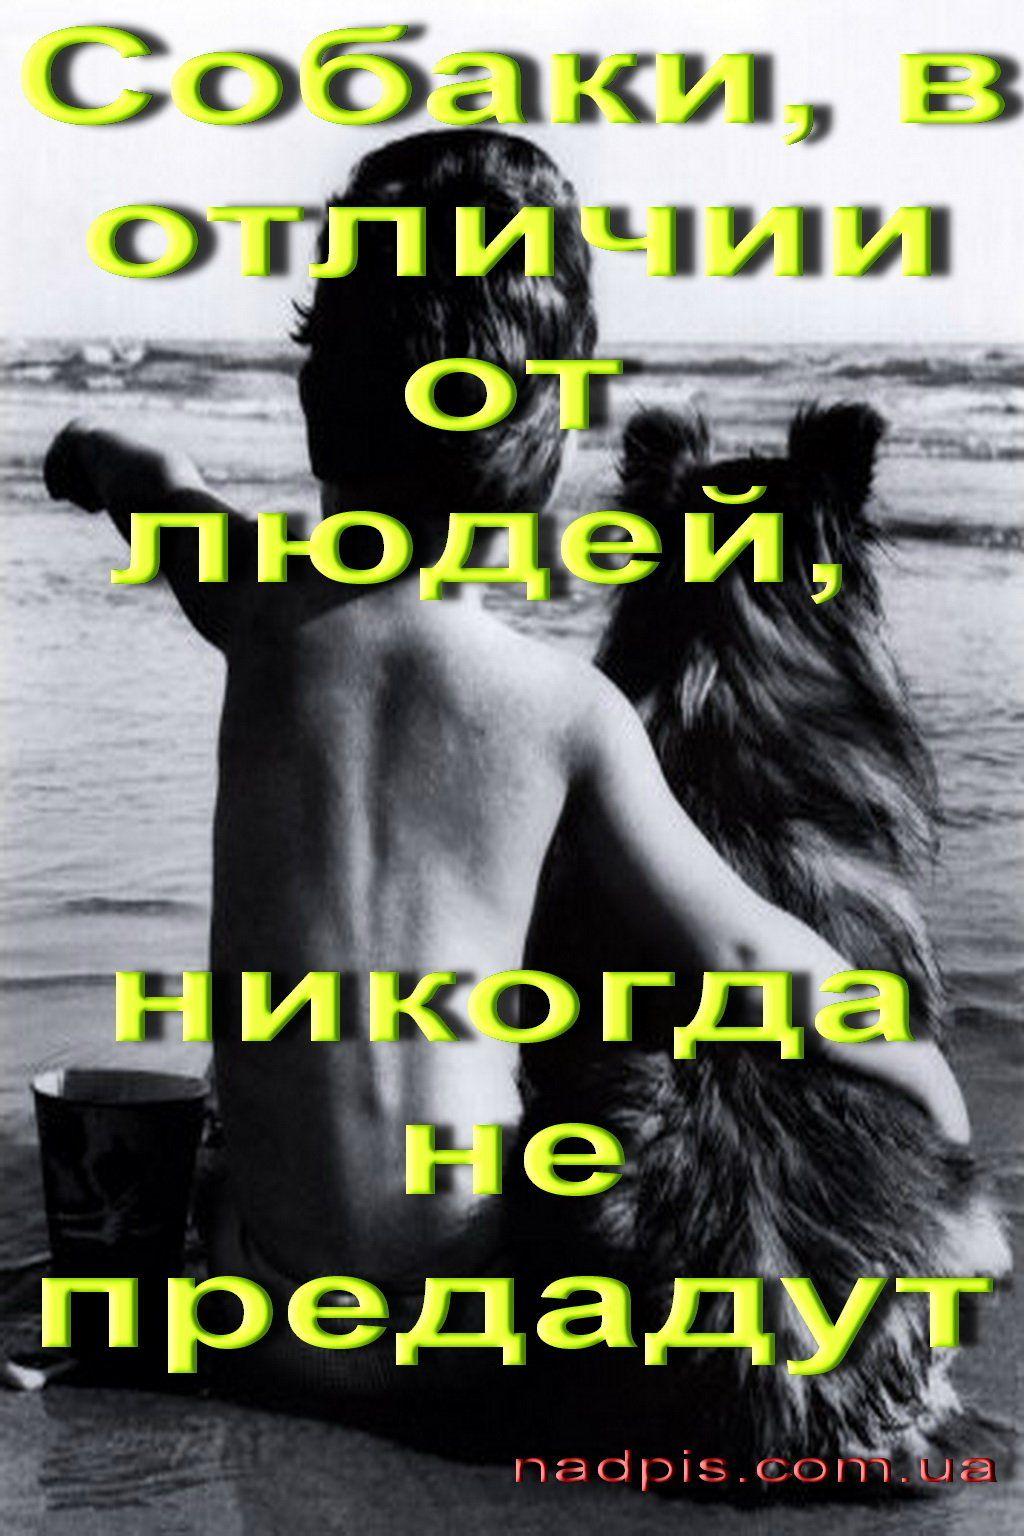 Картинки предательство с надписью, день российской почты